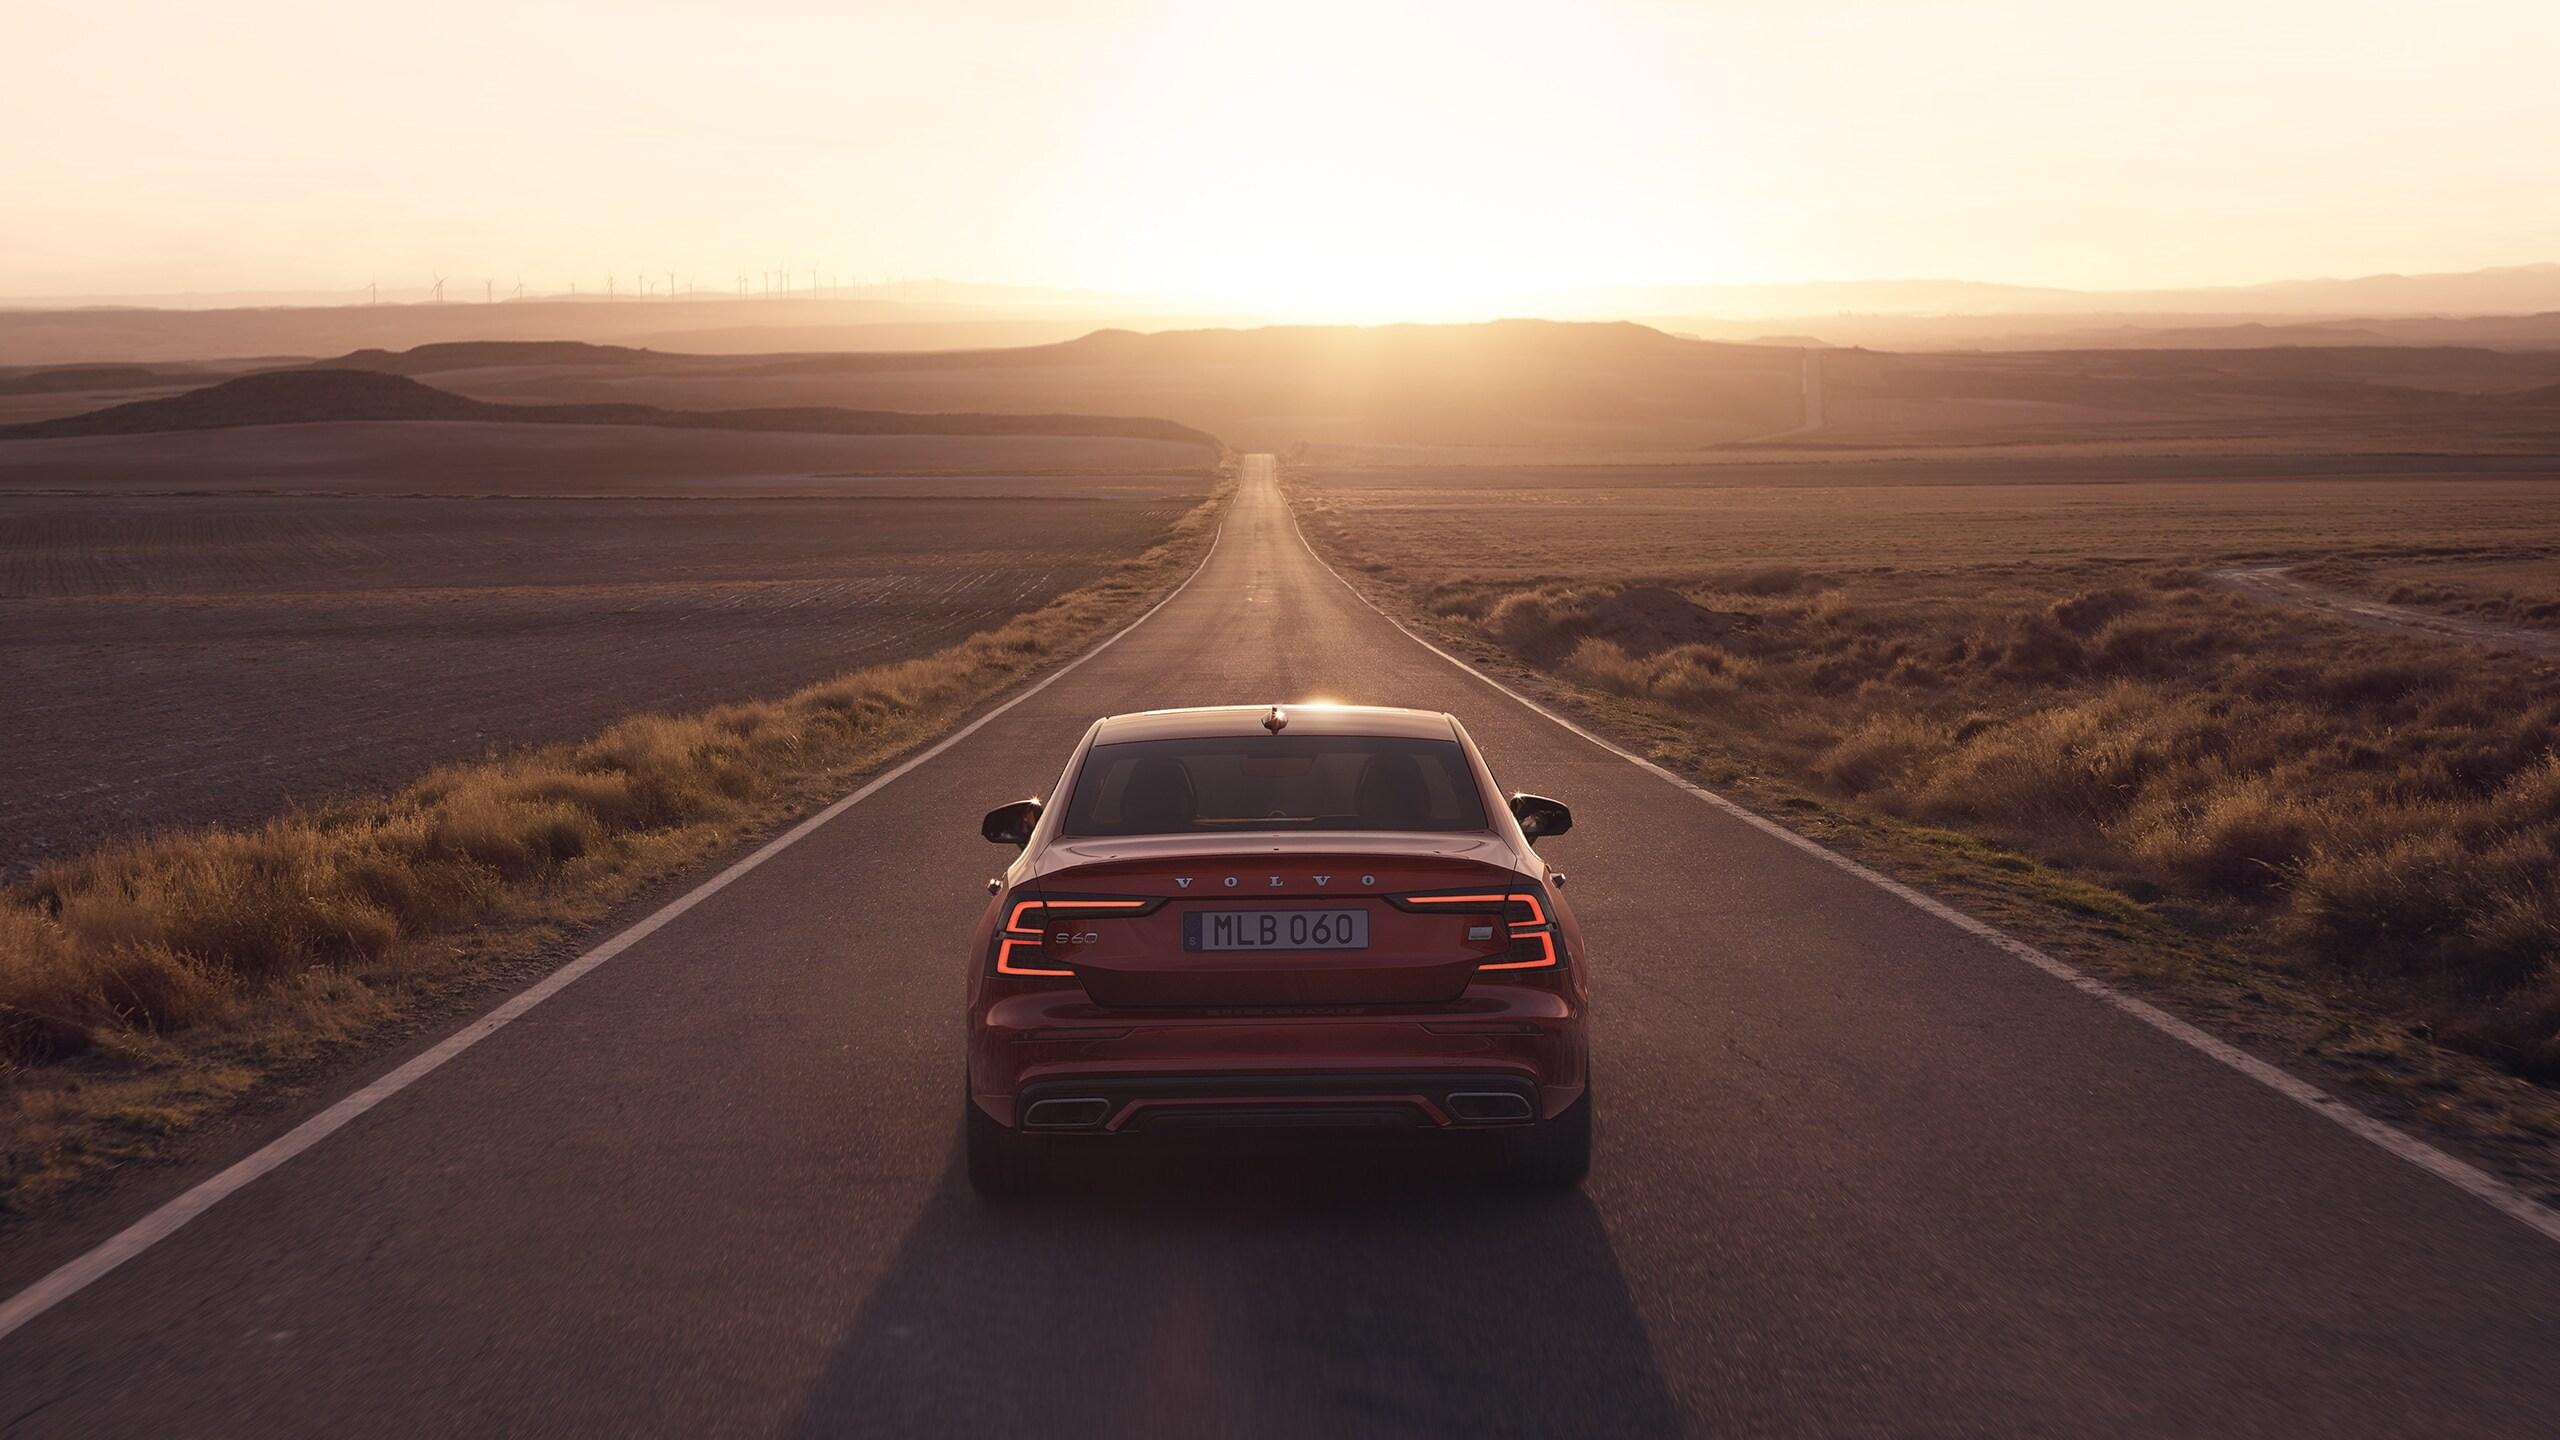 Berline hybride Volvo S60 Recharge rouge sur une route au coucher du soleil.